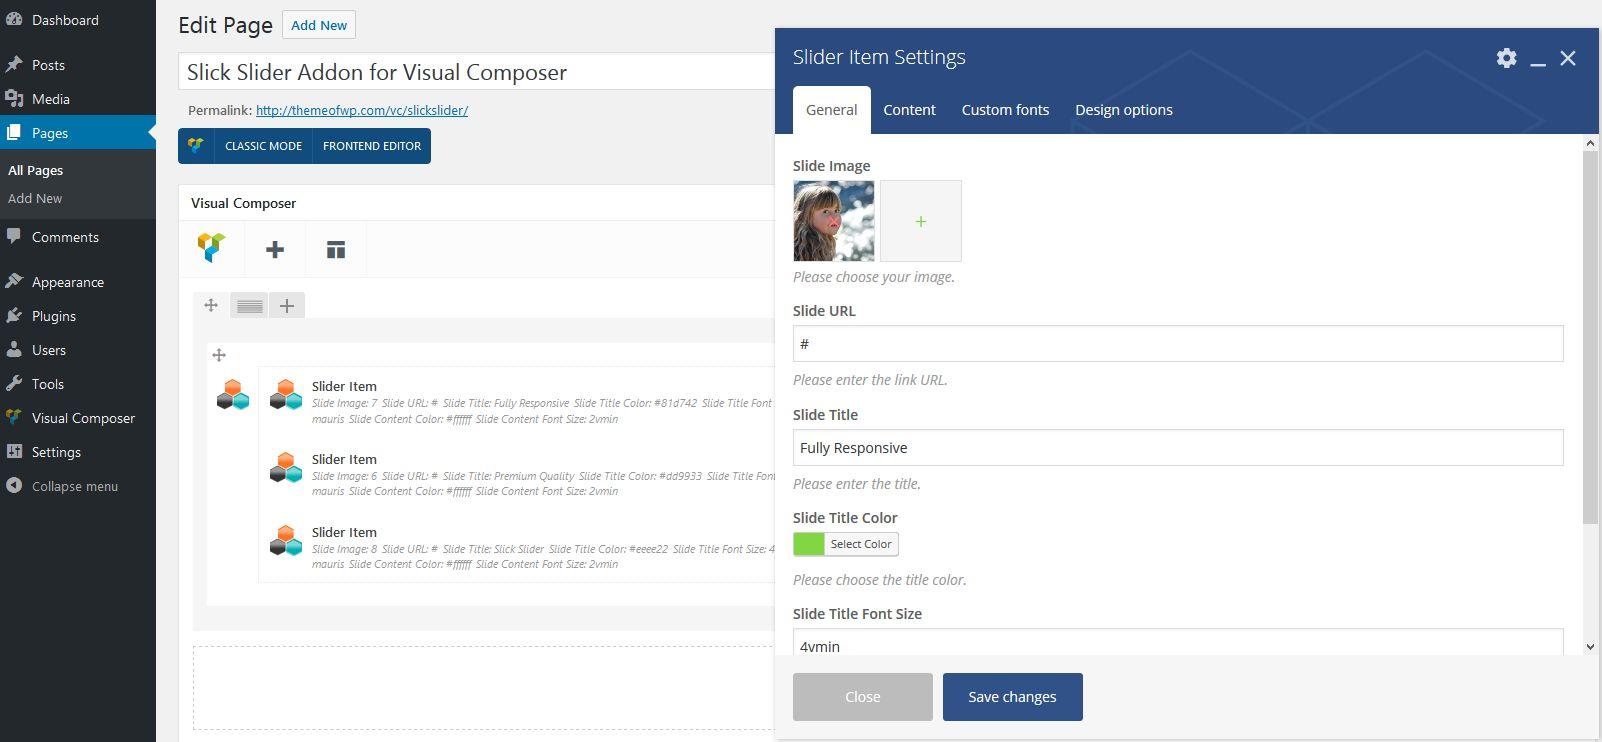 Slick Slider Addon for WPBakery Page Builder (formerly Visual Composer)